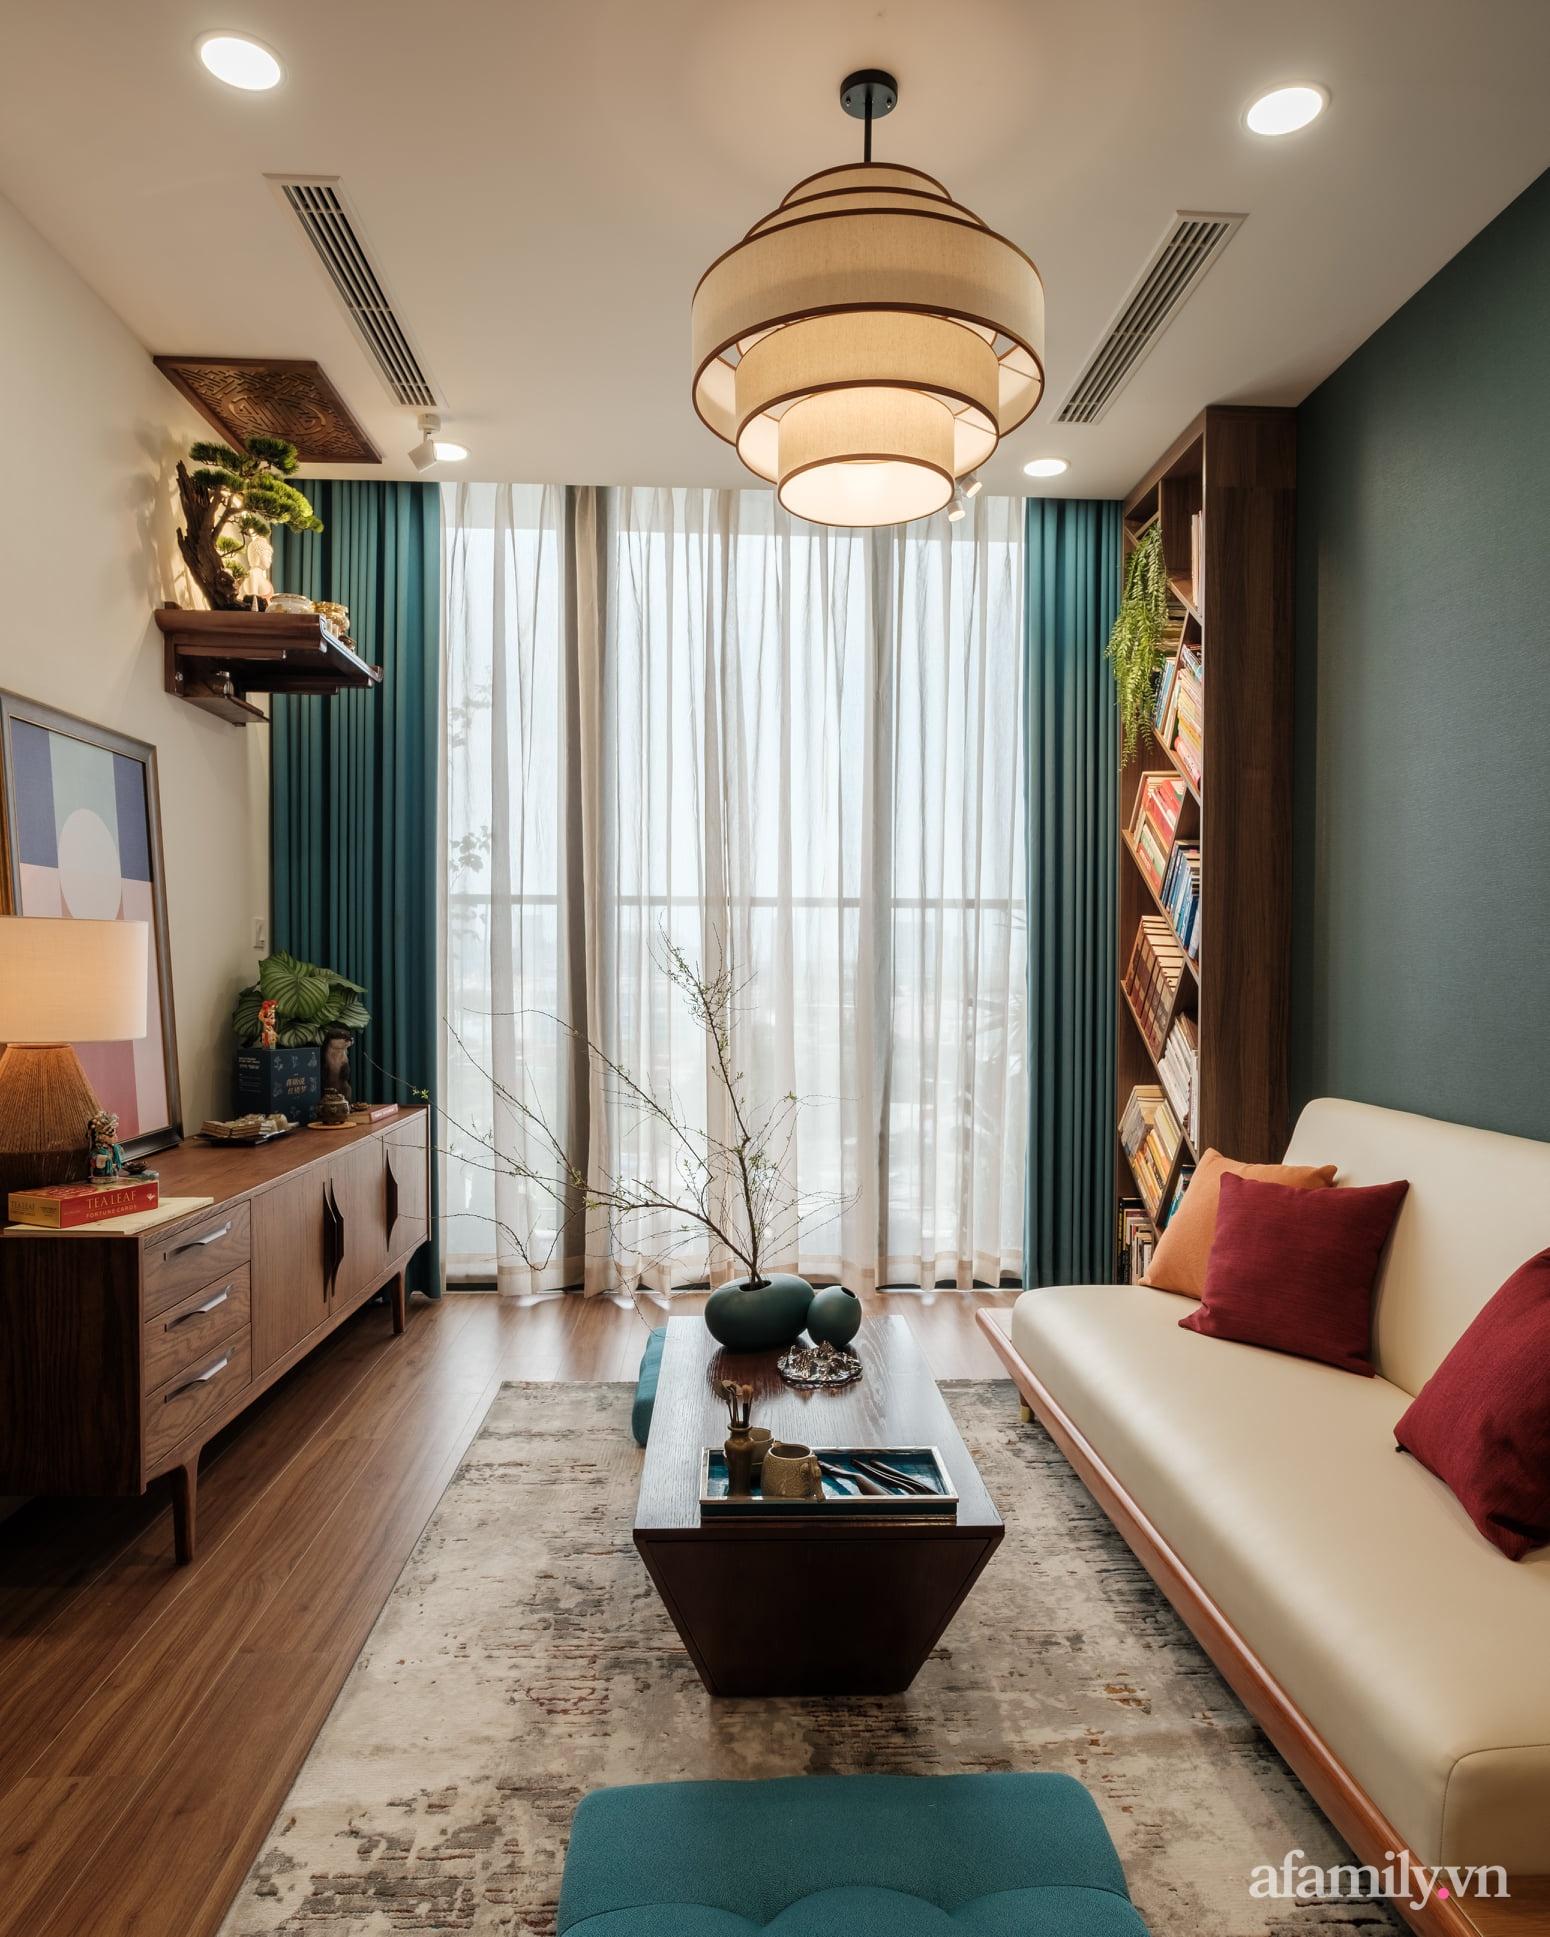 Căn hộ 60m² đẹp tĩnh lặng và tinh tế mang hơi thở của Zen ở quận 7 Sài Gòn - Ảnh 3.